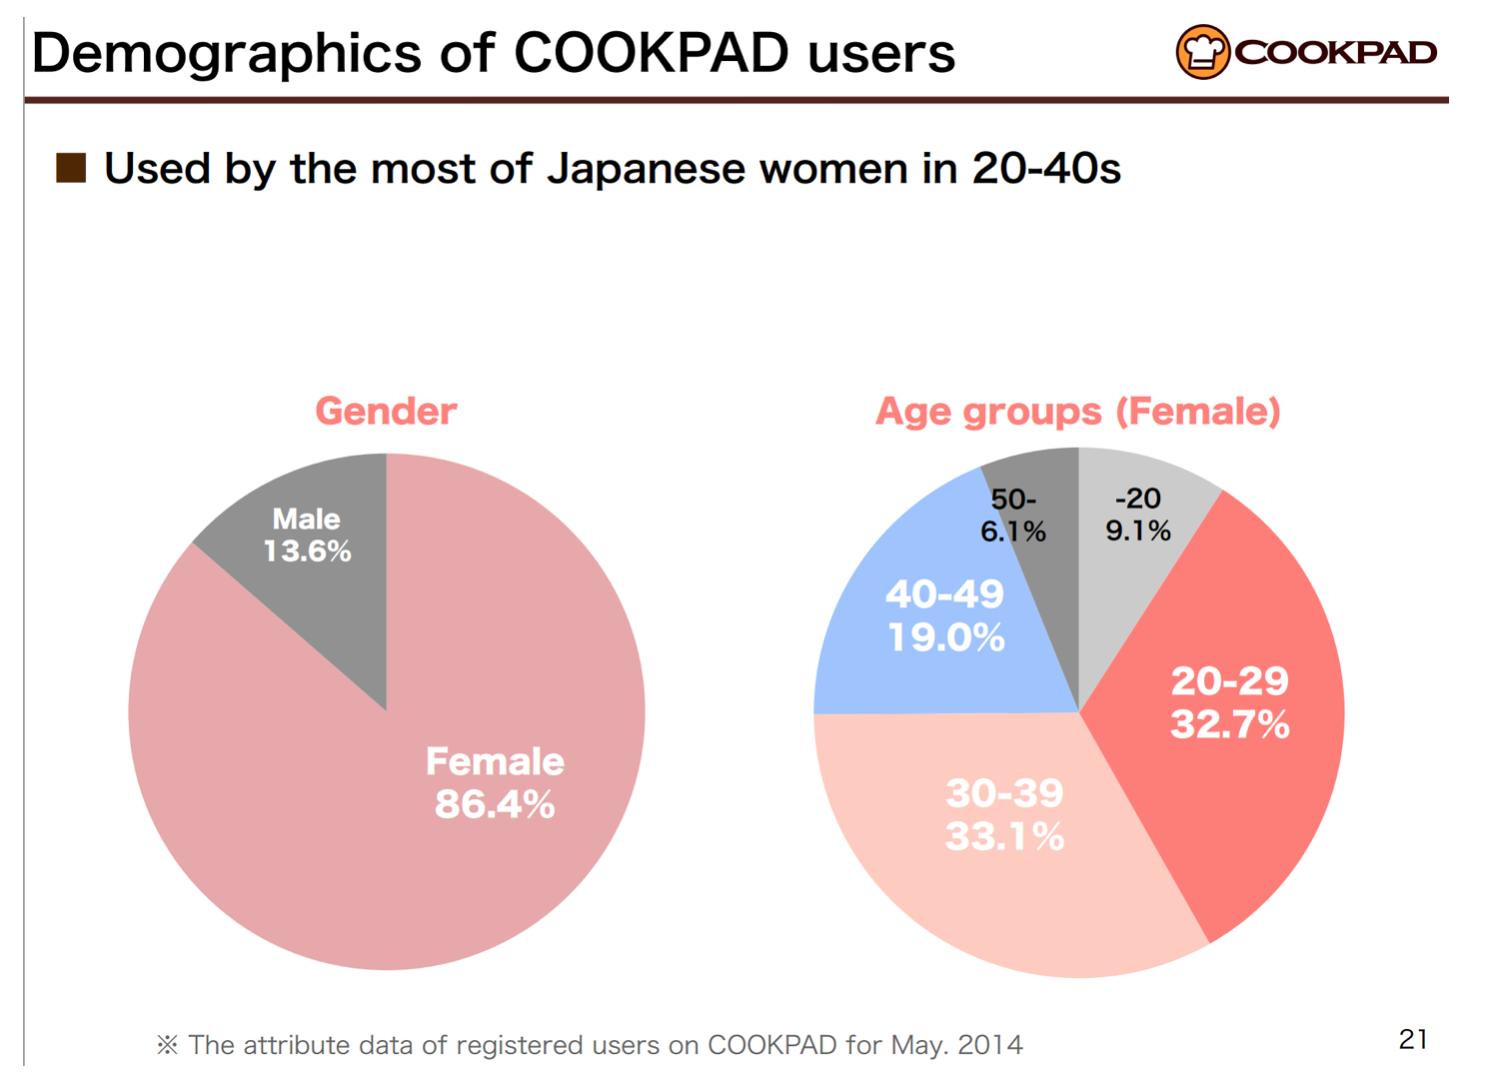 일본여성들의 쿡패드사용율은 놀라울 정도다. 특히 20대에서 40대여성들이 압도적인 지지를 보내고 있다.(출처 쿡패드 분기실적발표자료)